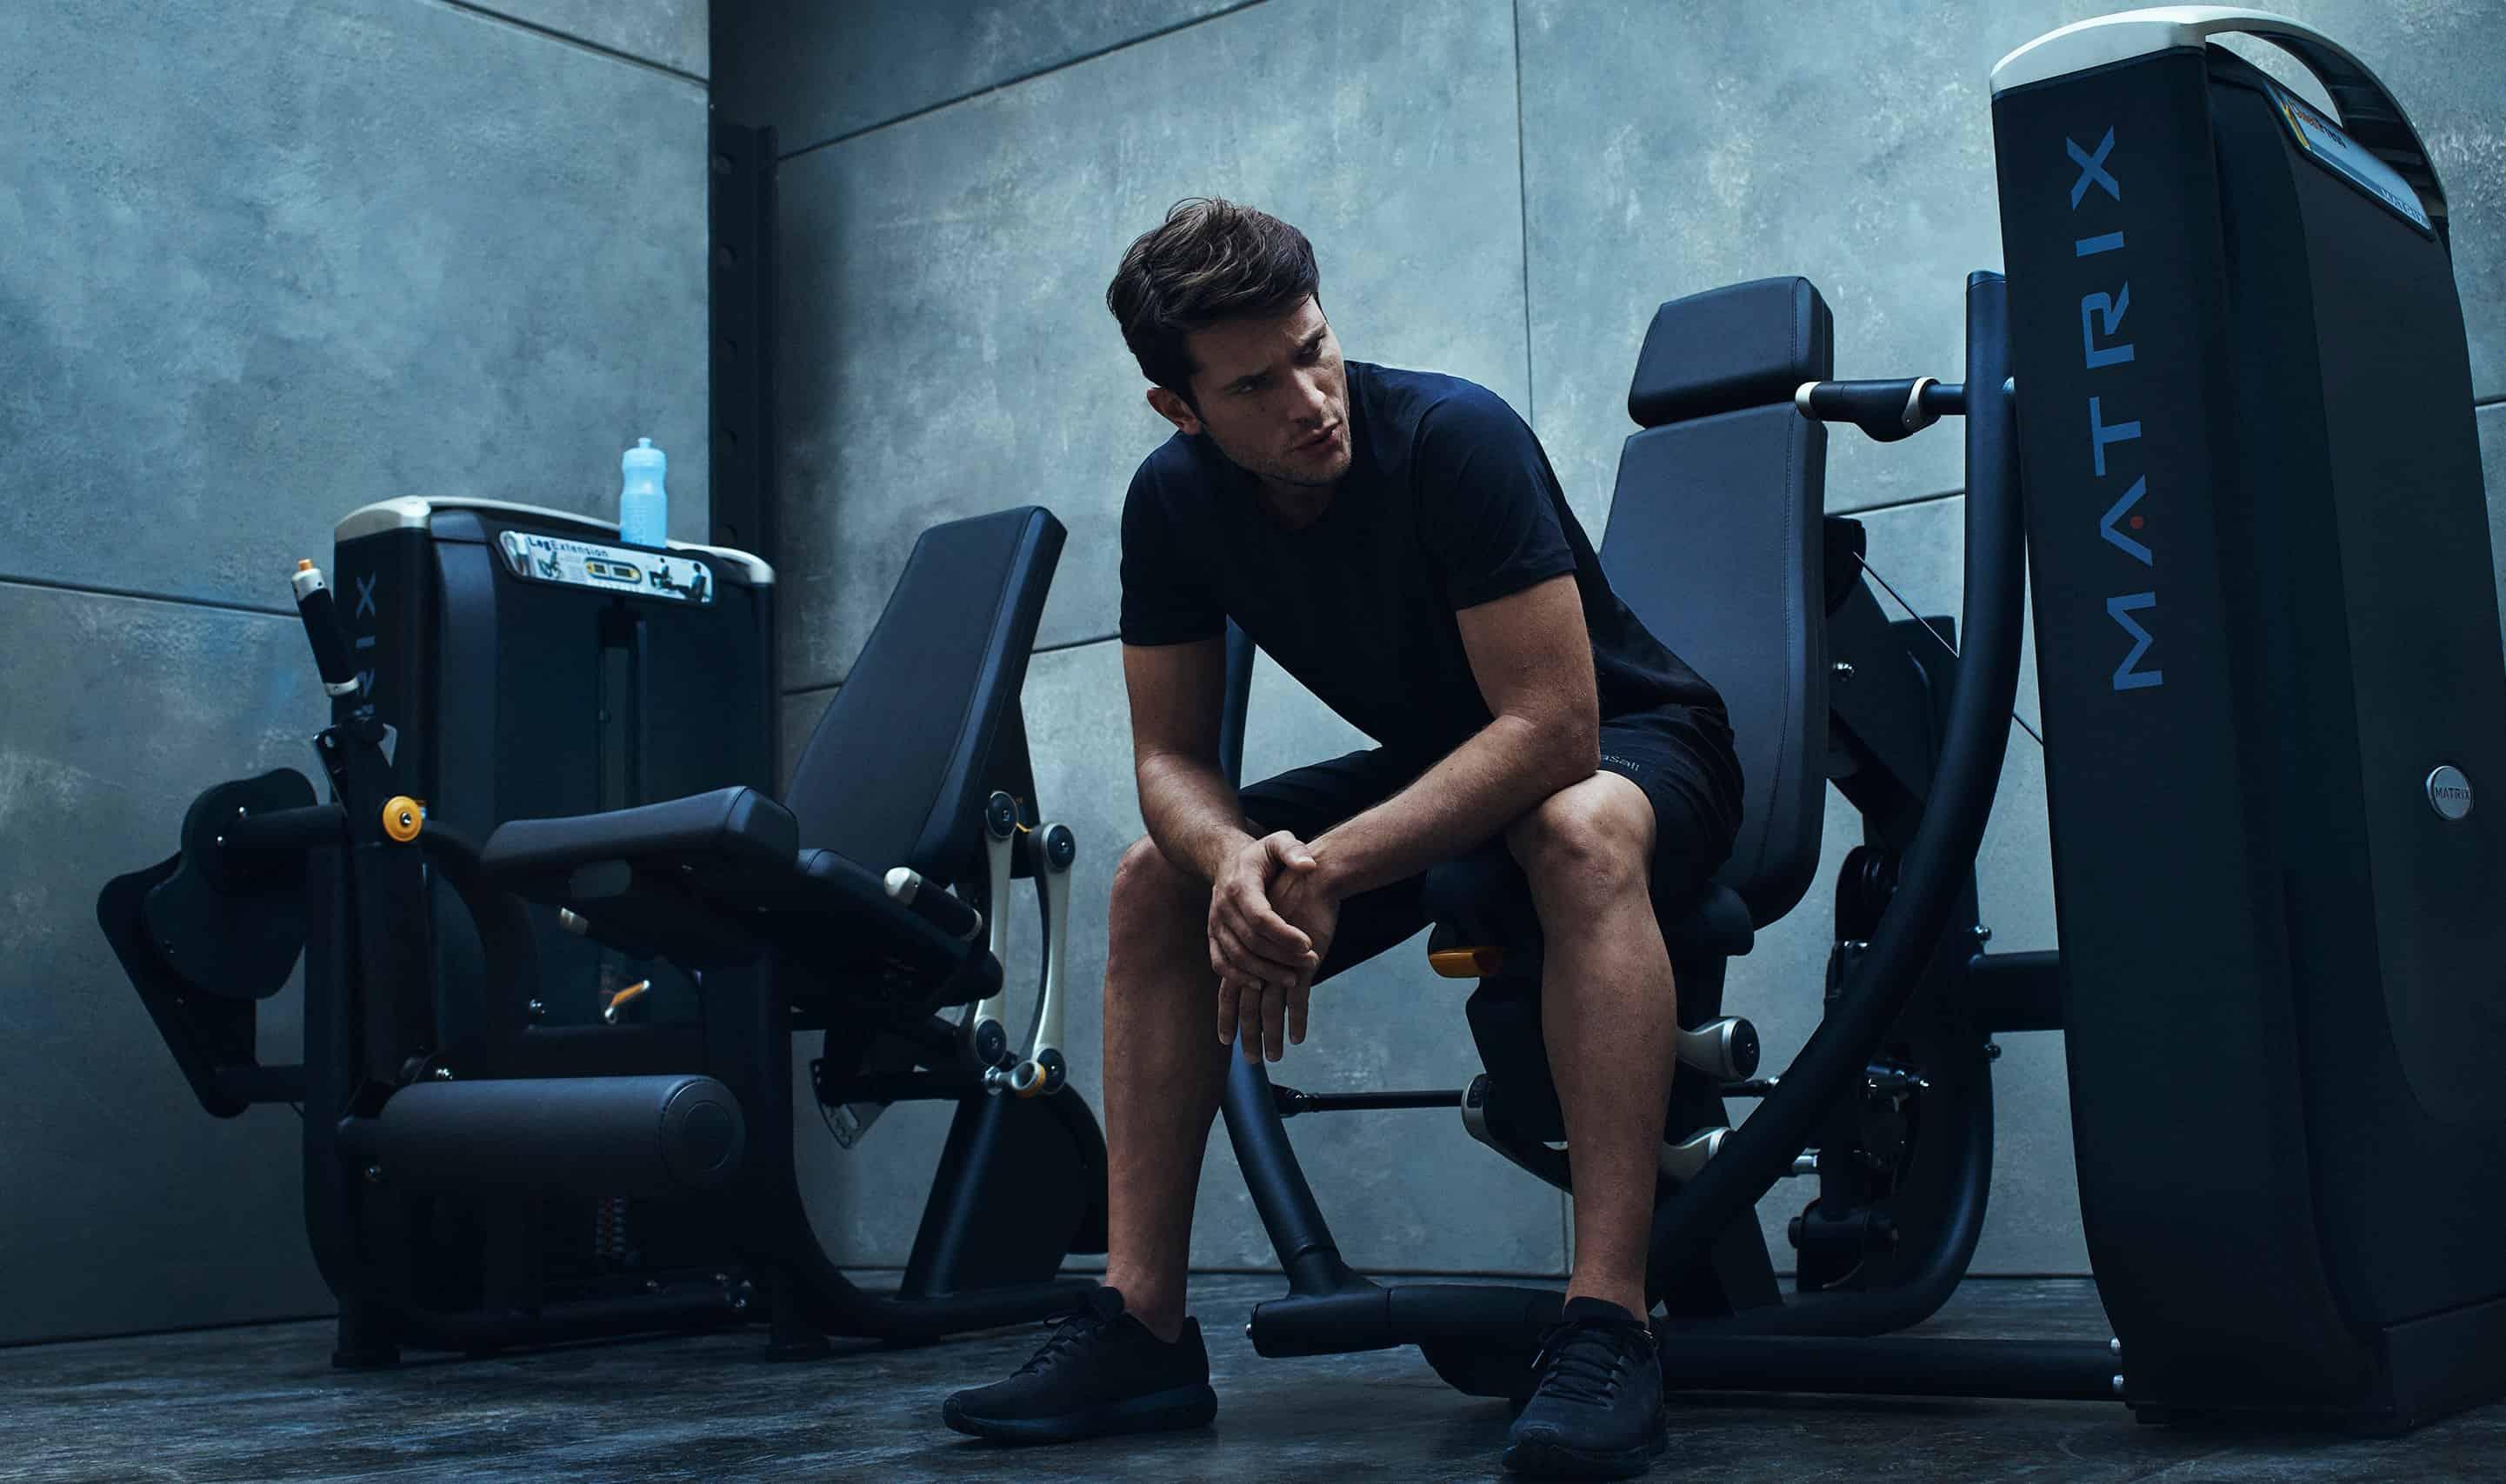 treningsutstyr treningsapparater casall pro gymustyr treningsapparater treningsmaskiner casall pro casall professional matrix fitness